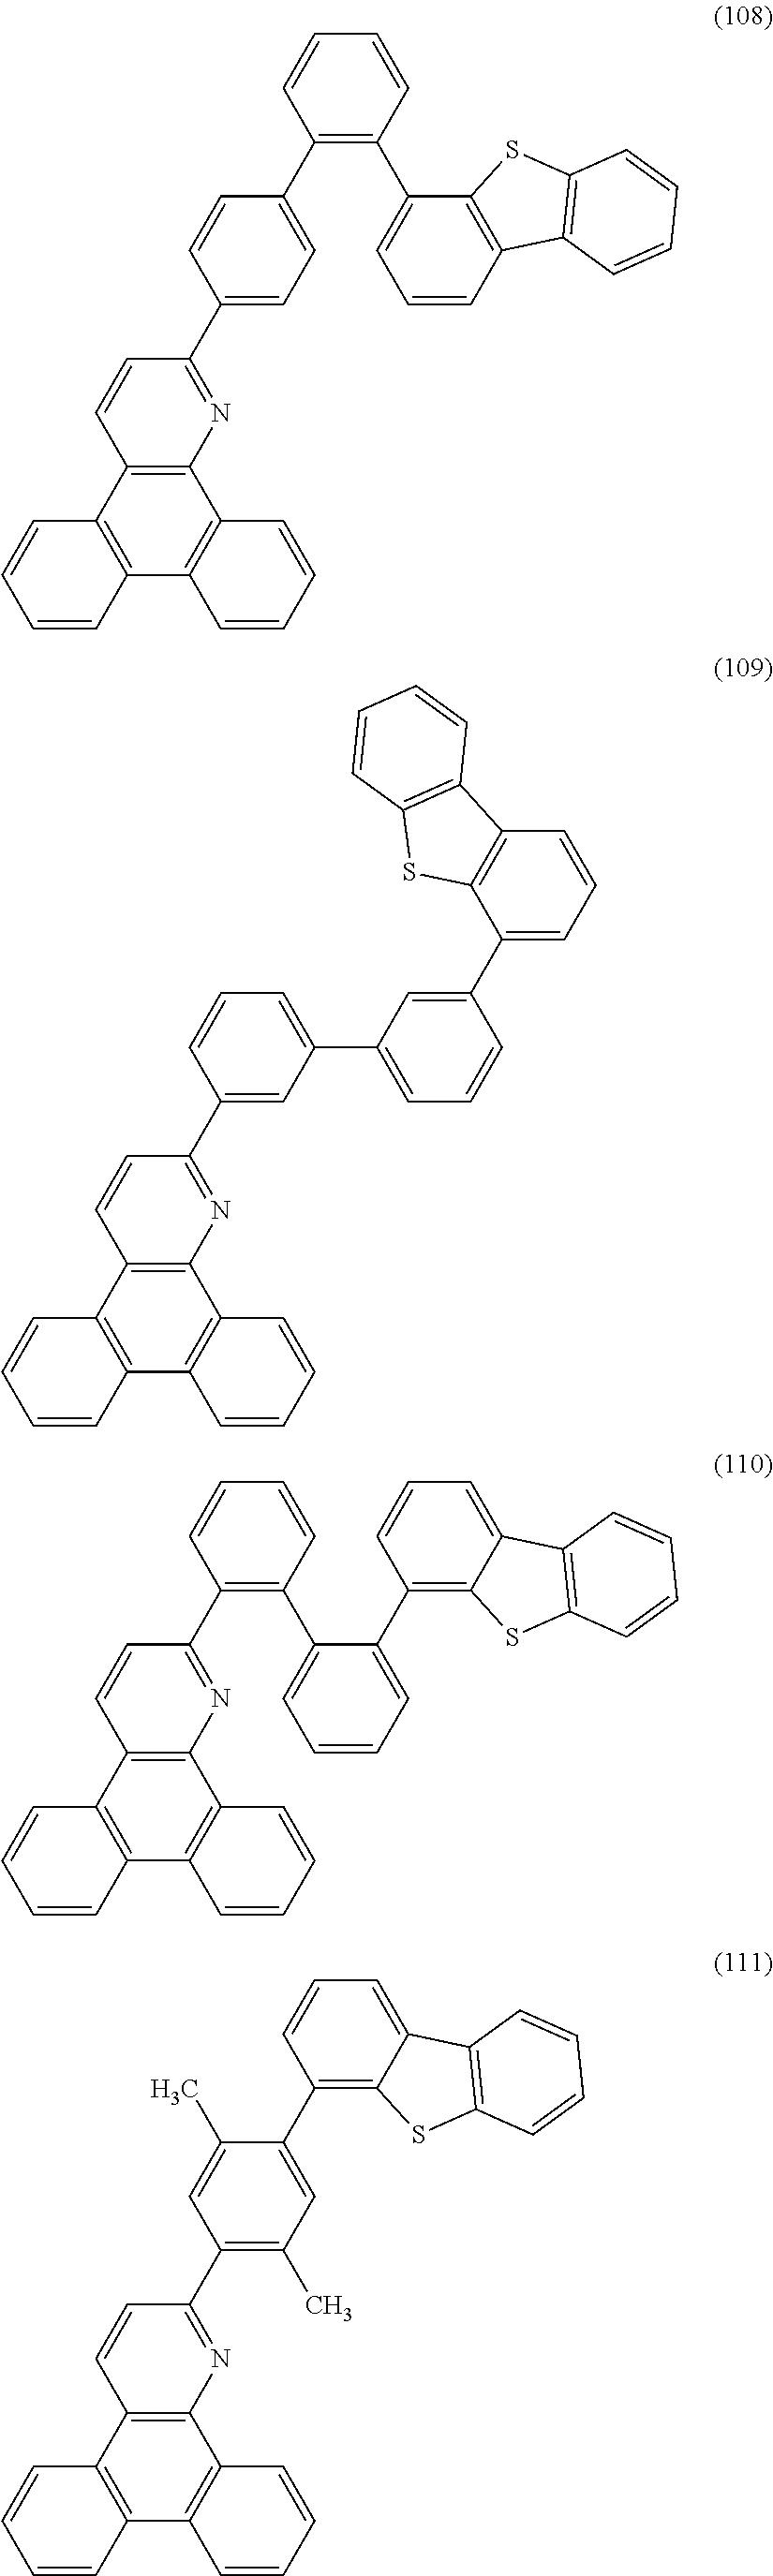 Figure US09843000-20171212-C00020